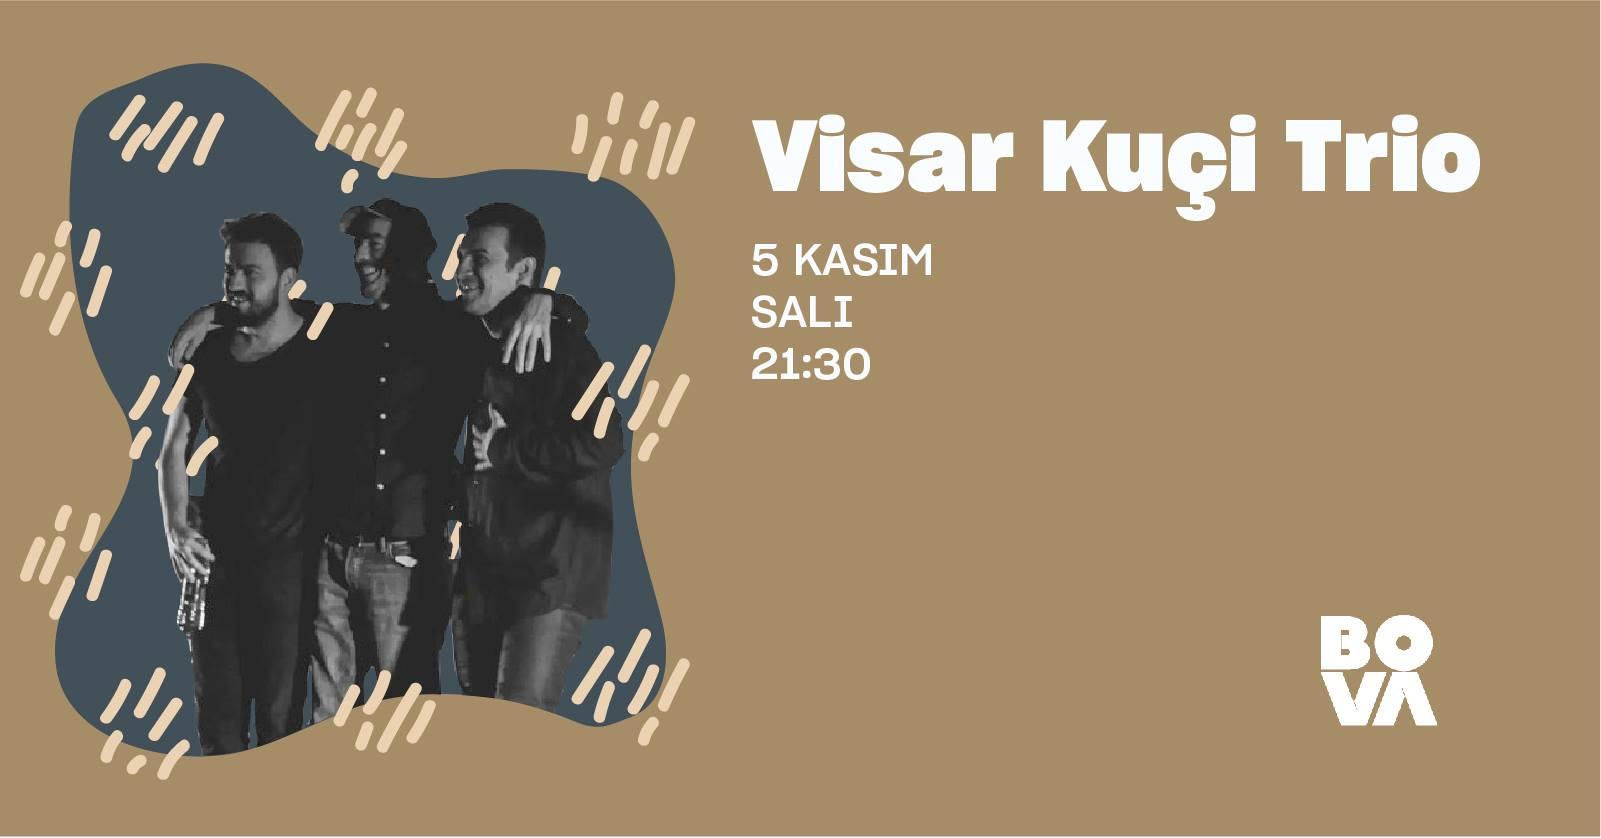 Visar Kuçi Trio